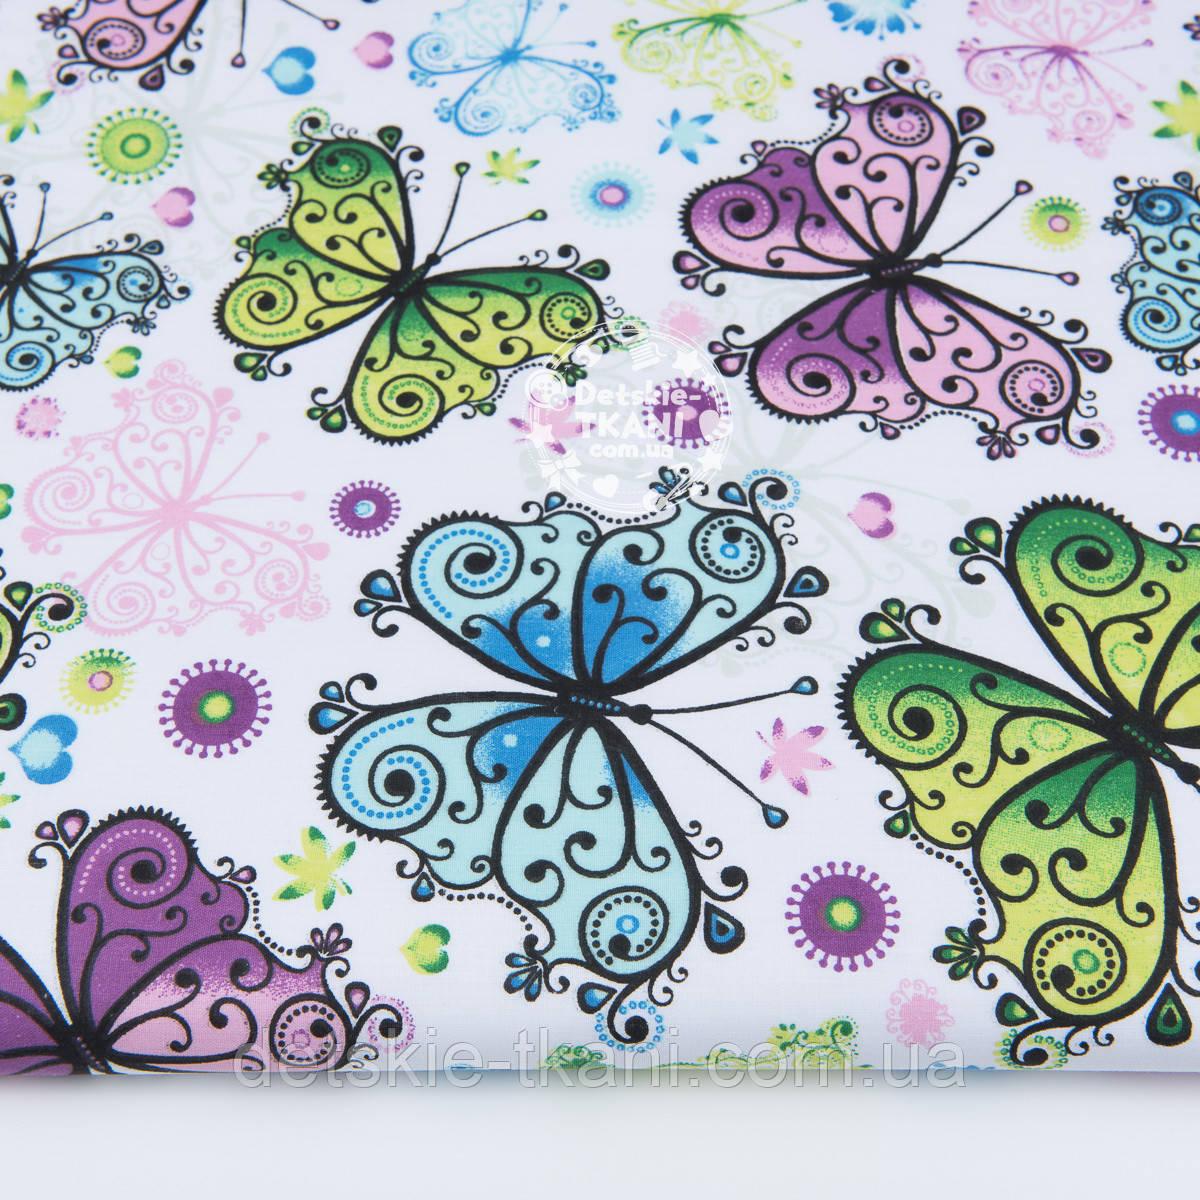 """Ткань хлопковая """"Ажурные бабочки"""" сиреневые, голубые, зелёные,  №1233а"""